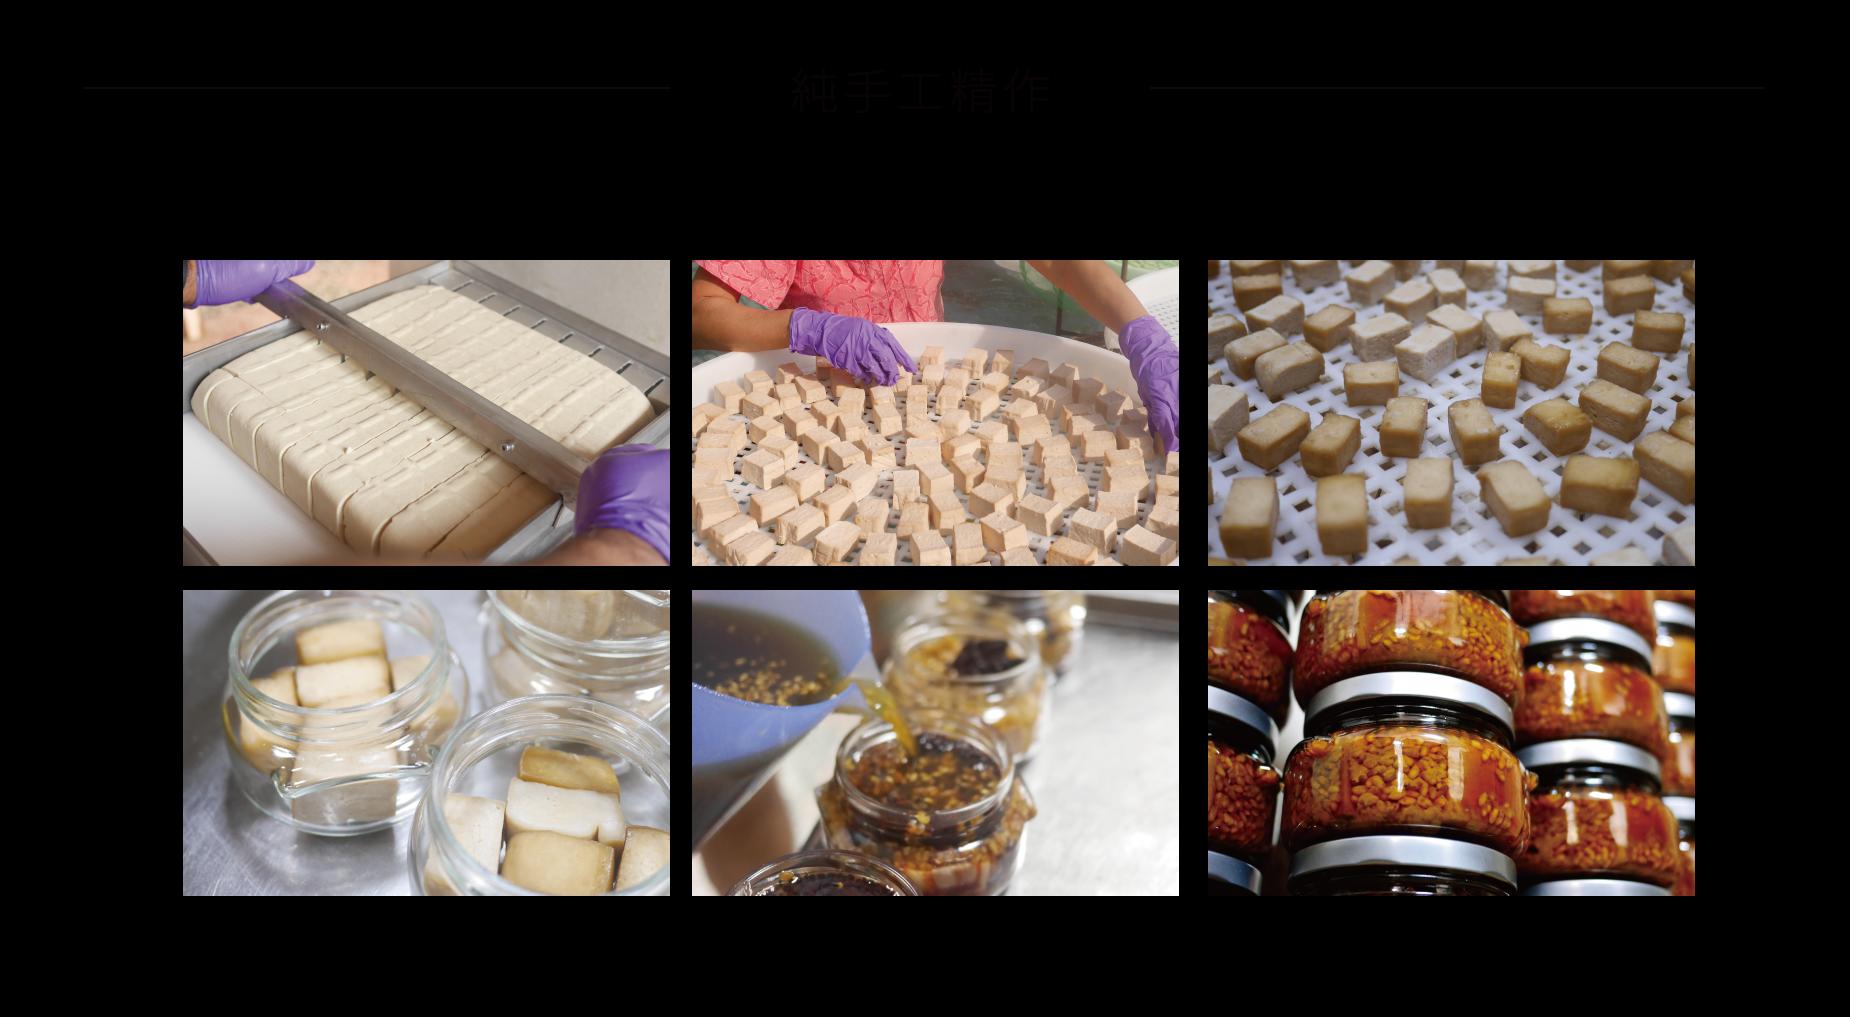 豆腐乳說明圖(繁體版)新_09.jpg